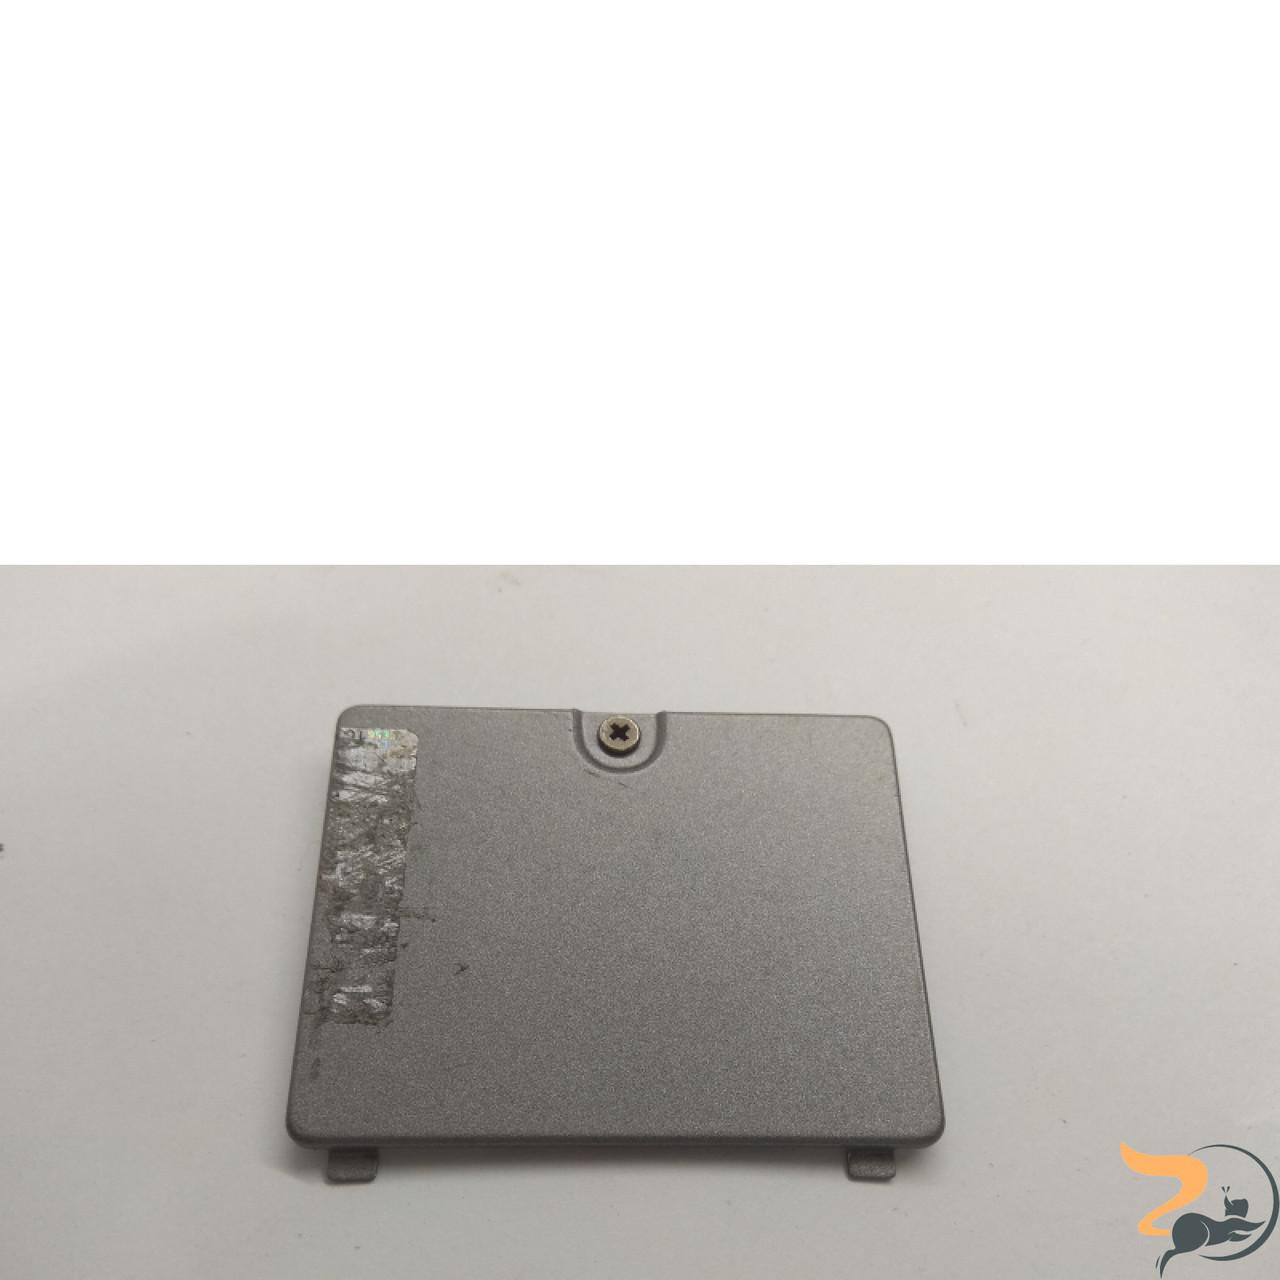 Сервісна кришка для ноутбука Dell Latitude D610, 3CJM5MDWI03, Б/В. В хорошому стані, без пошкоджень. Є подряпини та потертості.